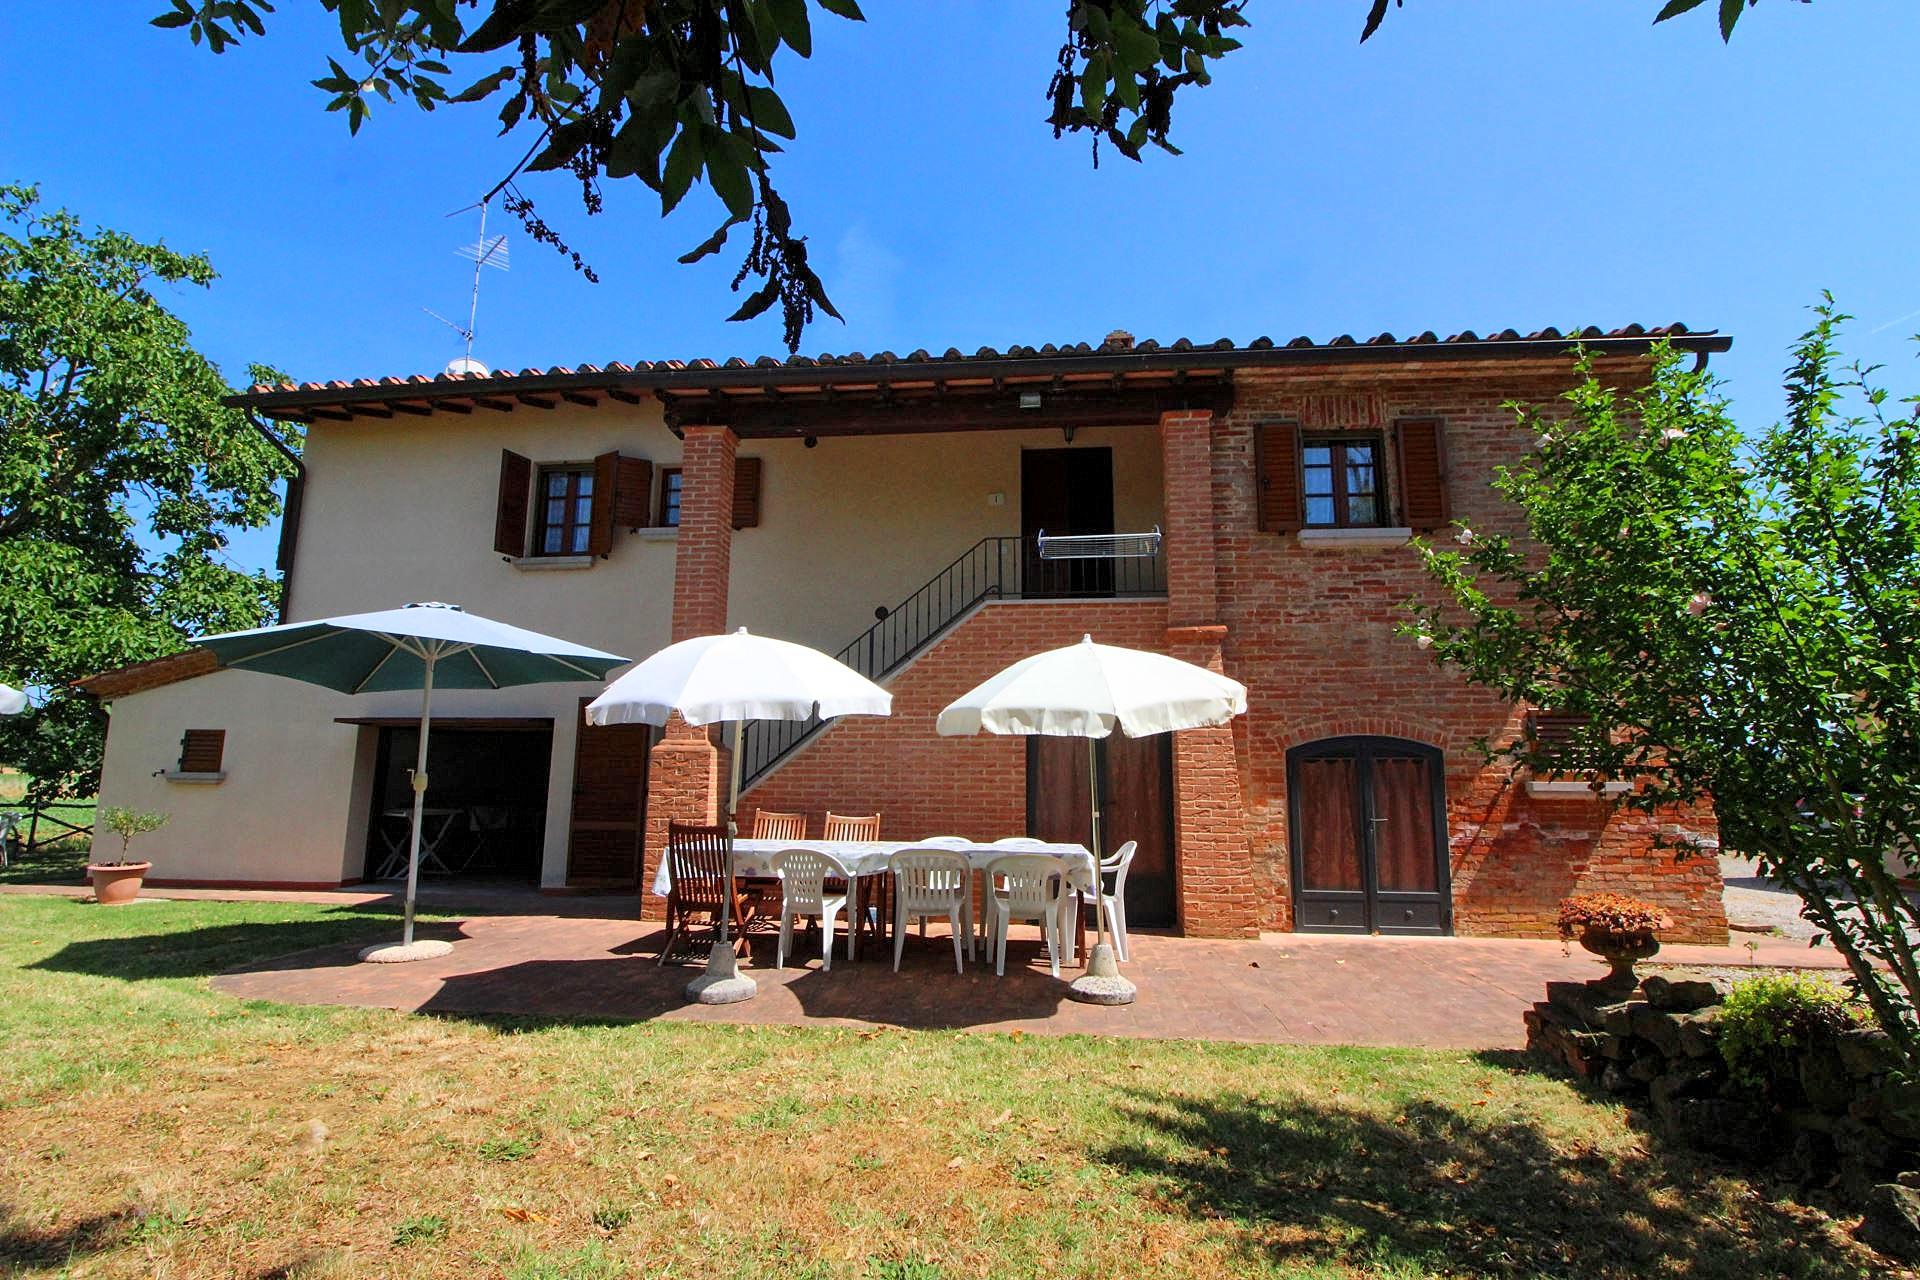 Vakantiehuis in Foiano della Chiana met zwembad, in Toscane.